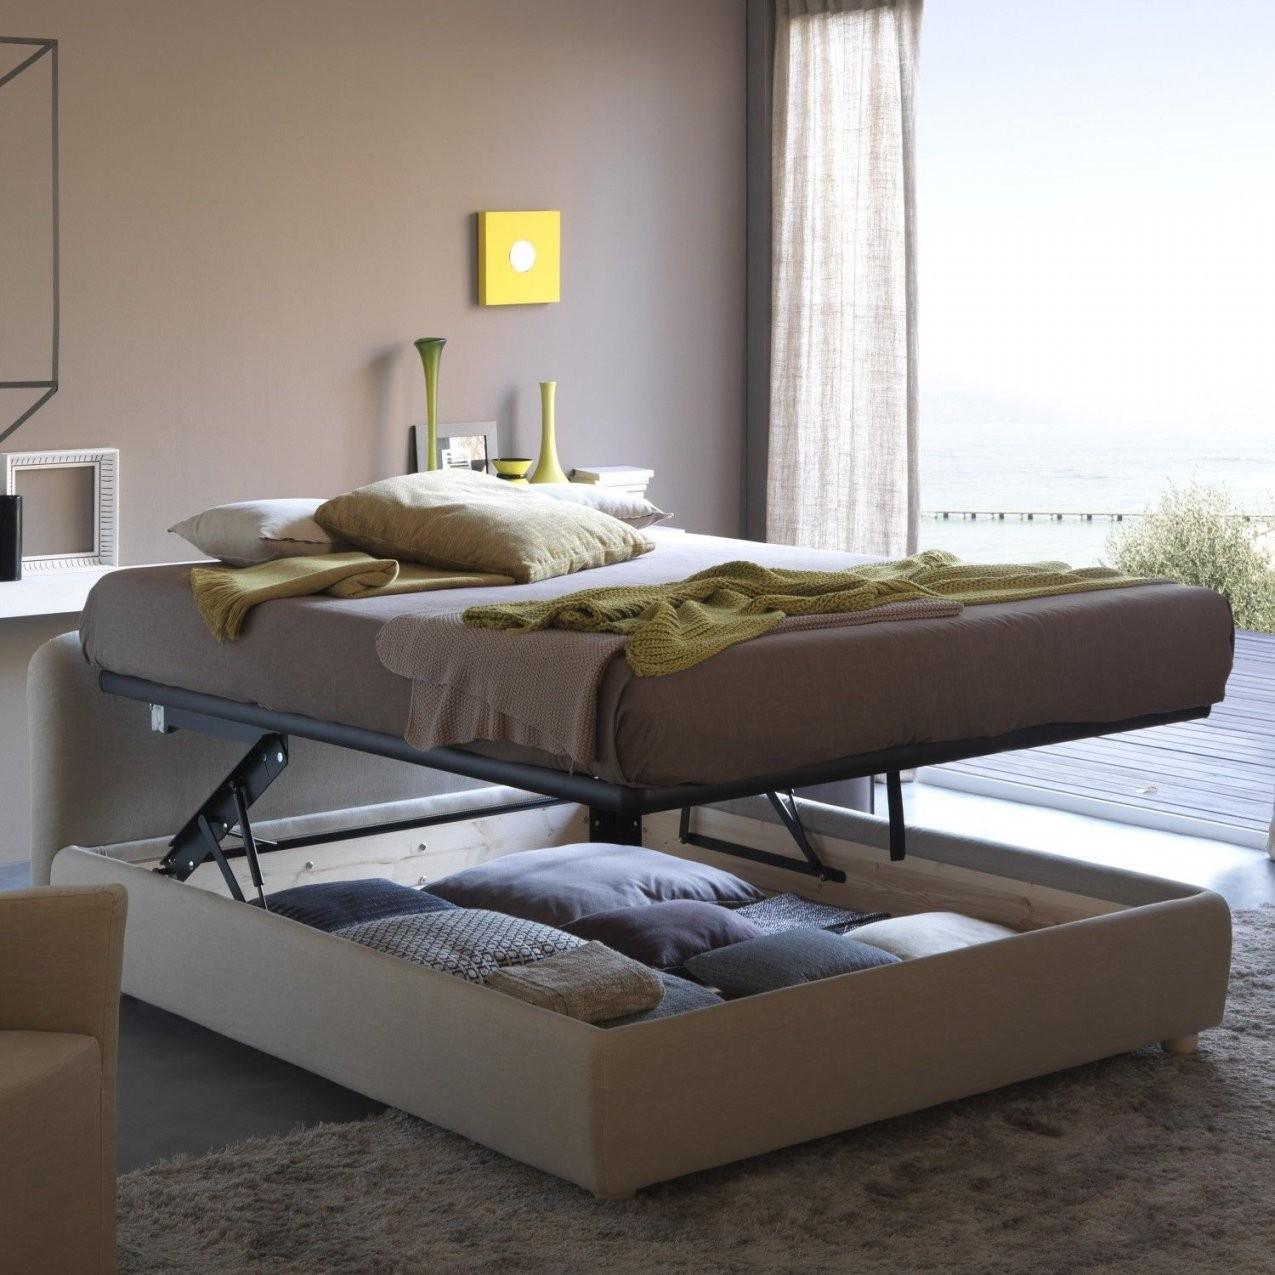 Billig Bett Mit Stauraum 180X200  Schlafzimmer  Pinterest  Bett von Bett Mit Stauraum 180X200 Photo